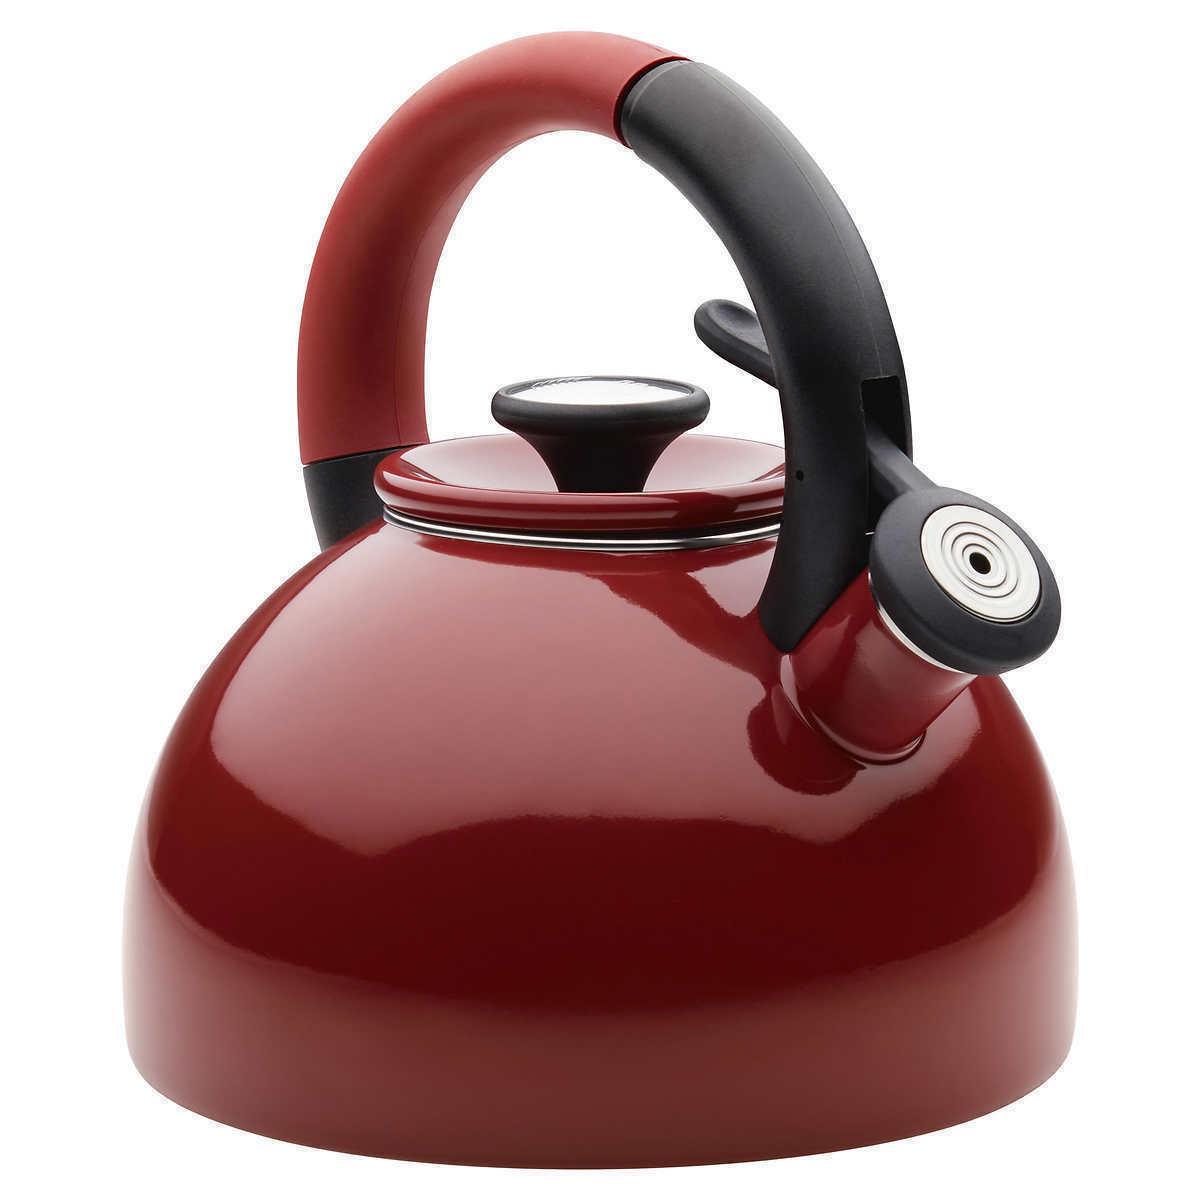 Tea Kettle 2-quart Morning Whistling Teapot